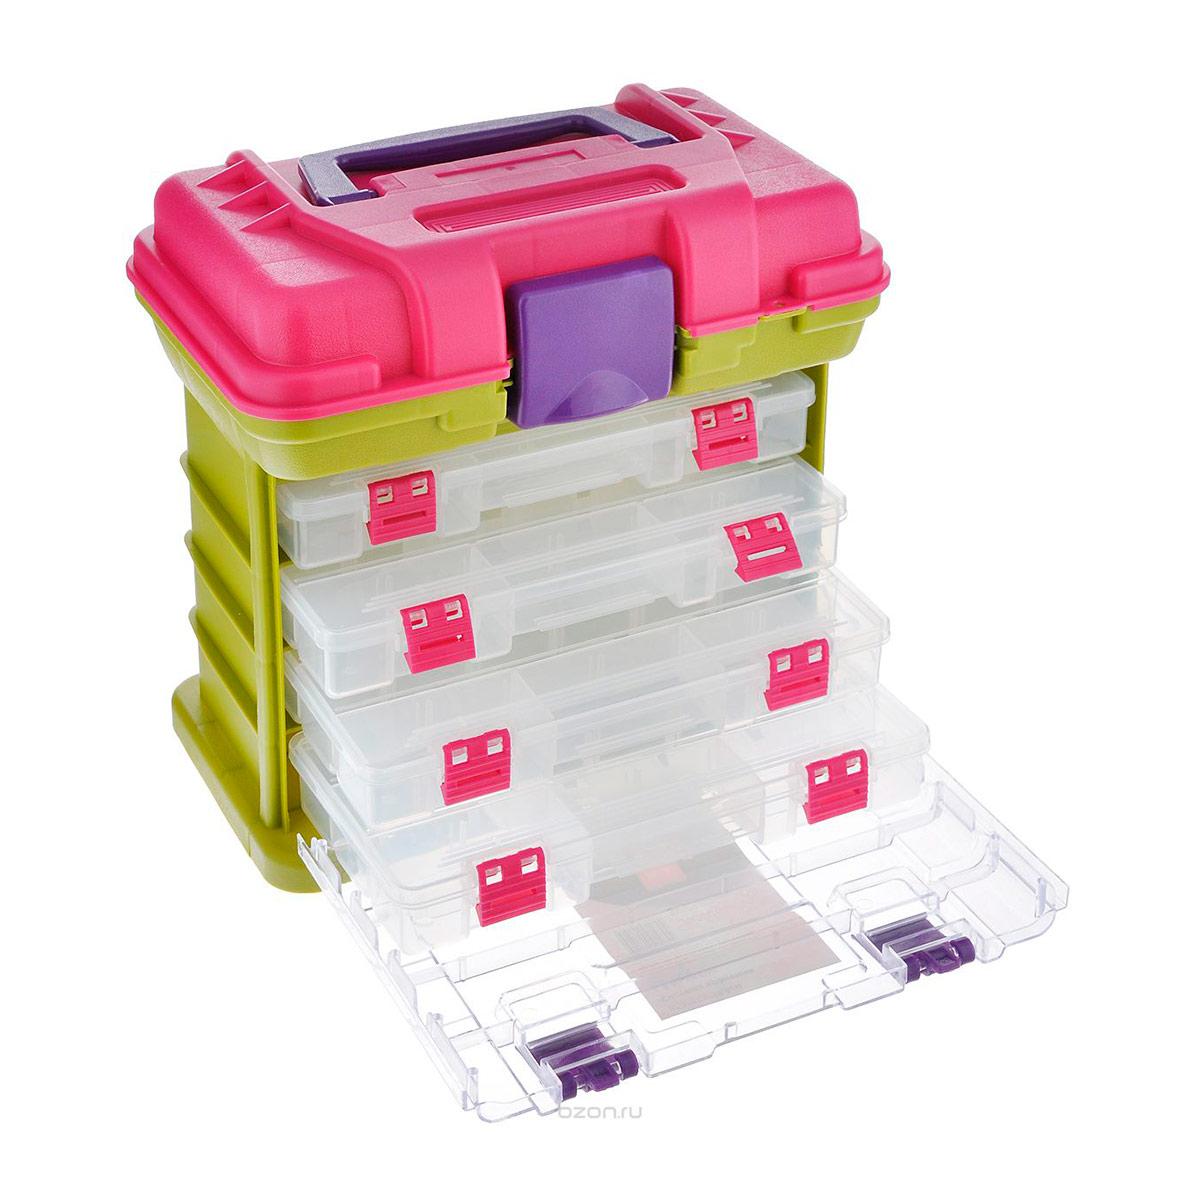 930527 Система хранения с 4 ящиками, 27.5*17.0*25.6см Hobby&Pro